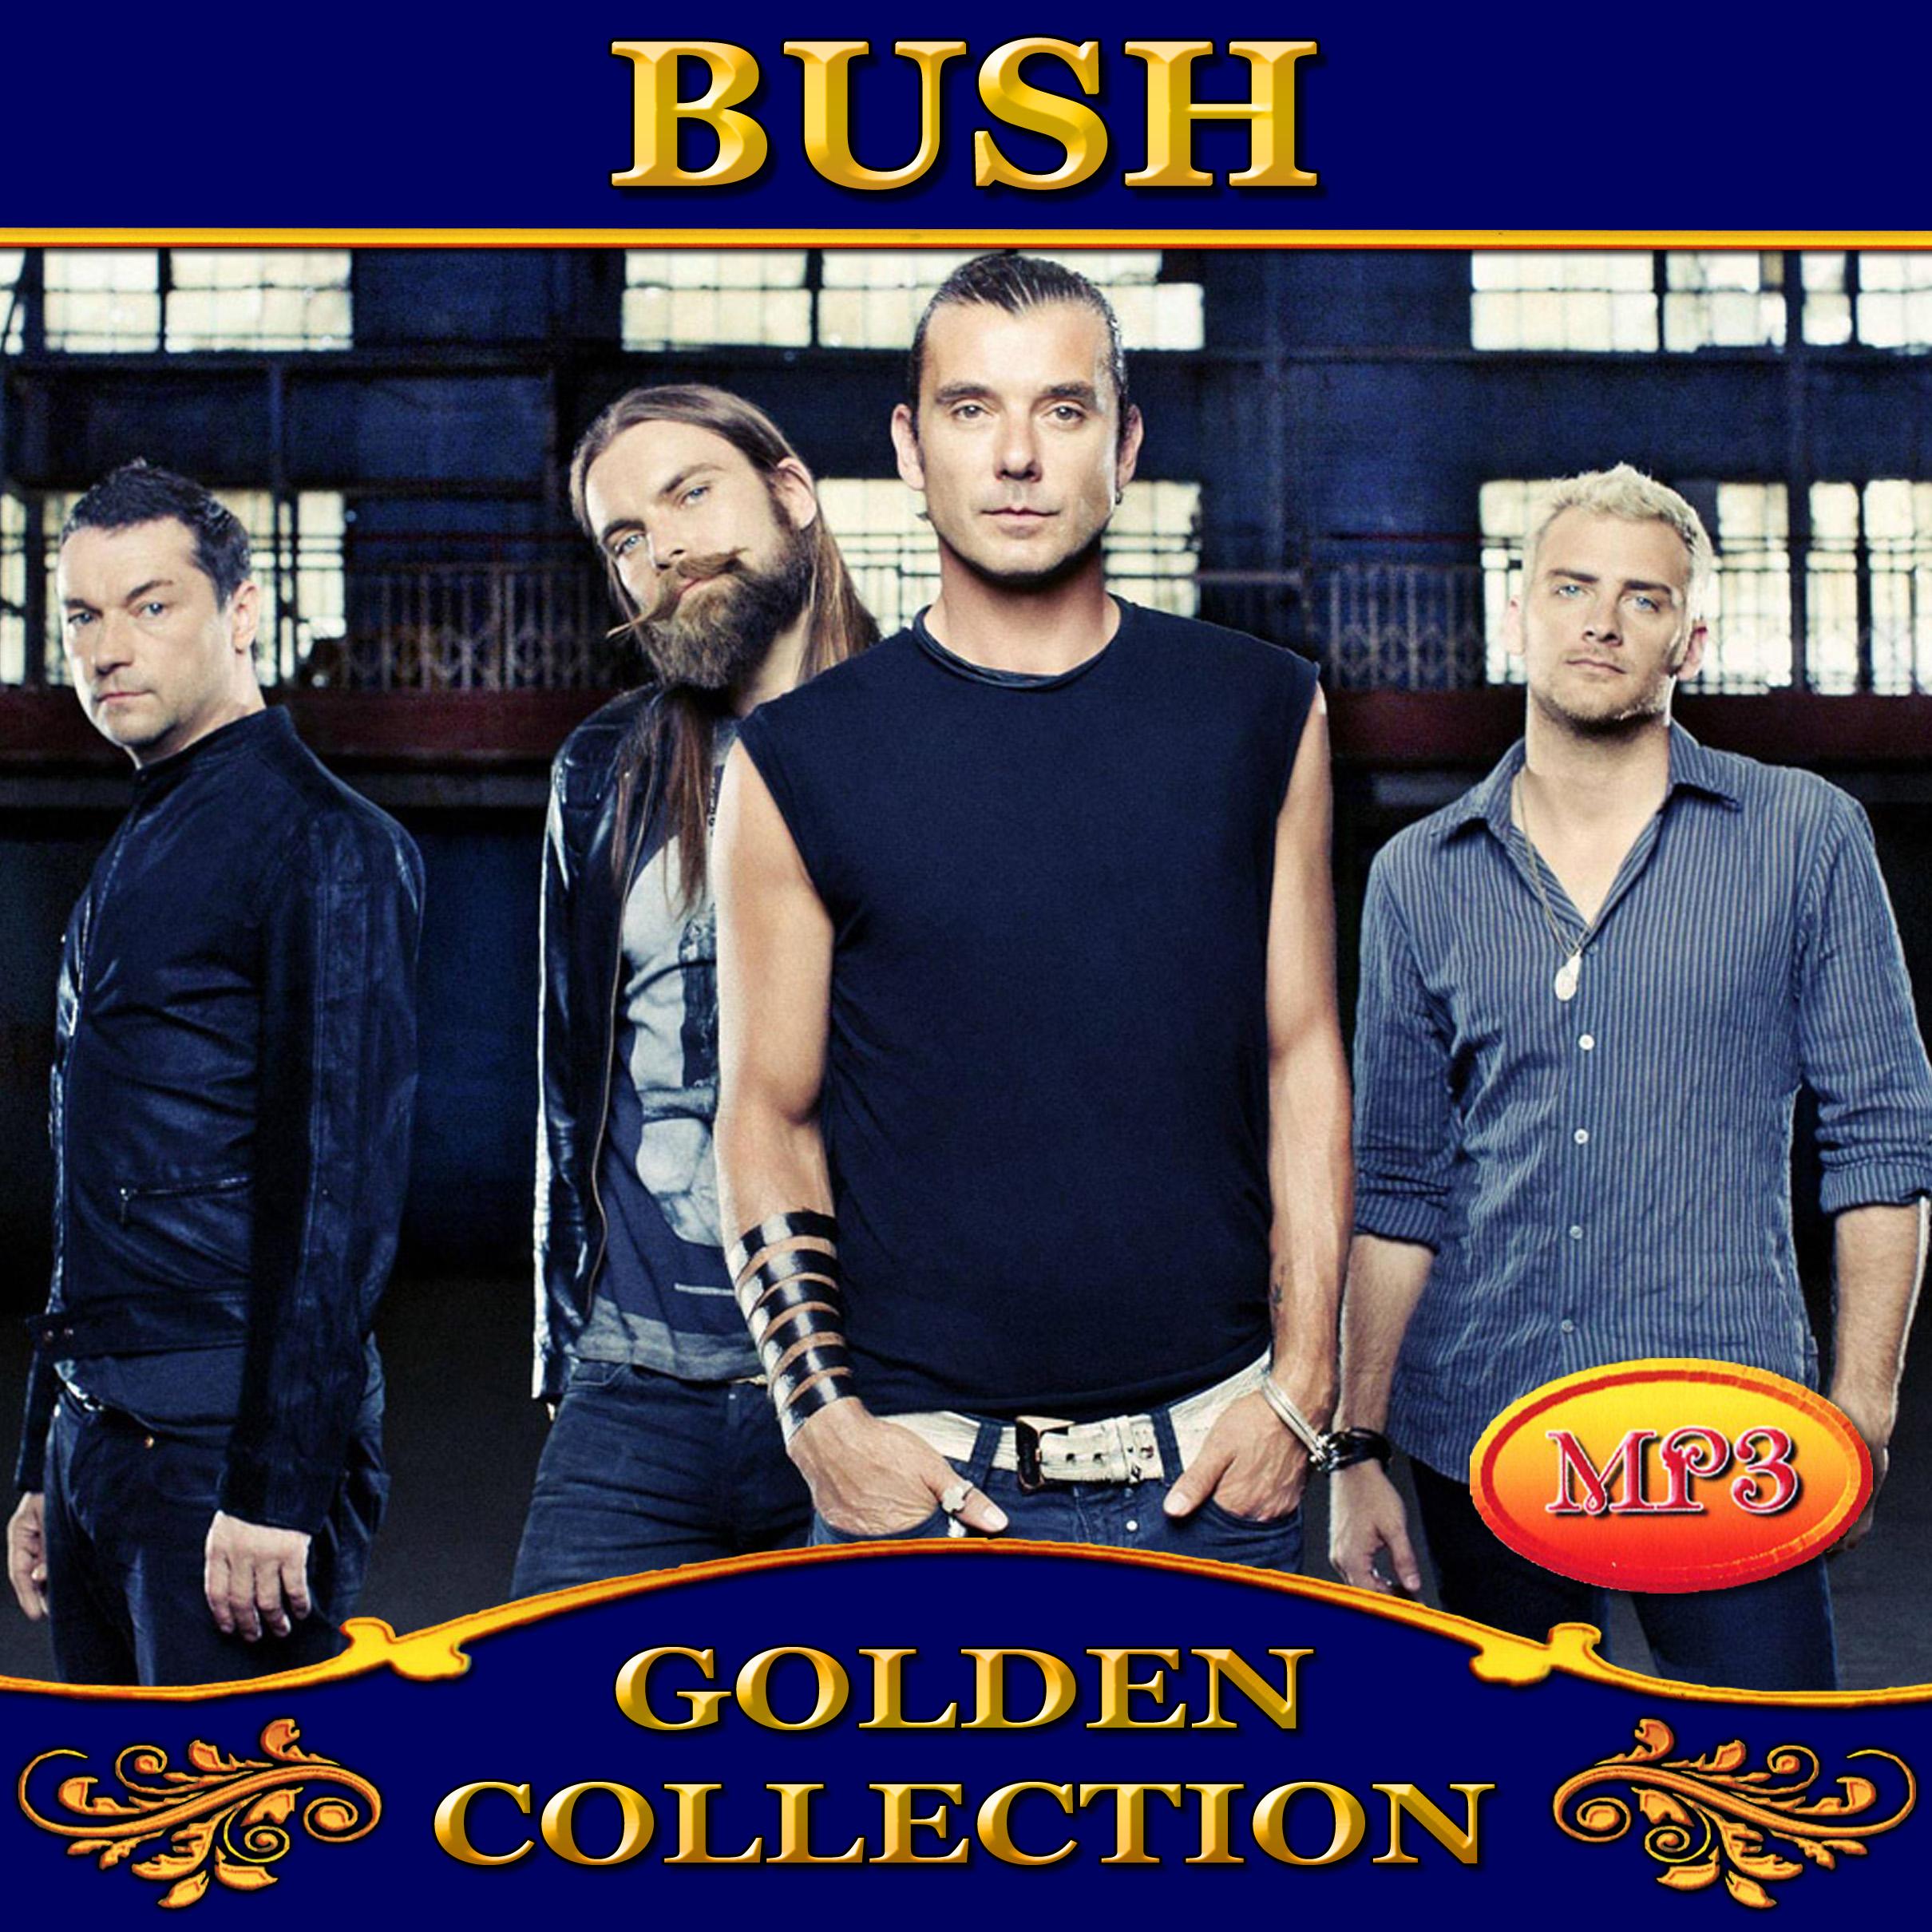 Bush [mp3]